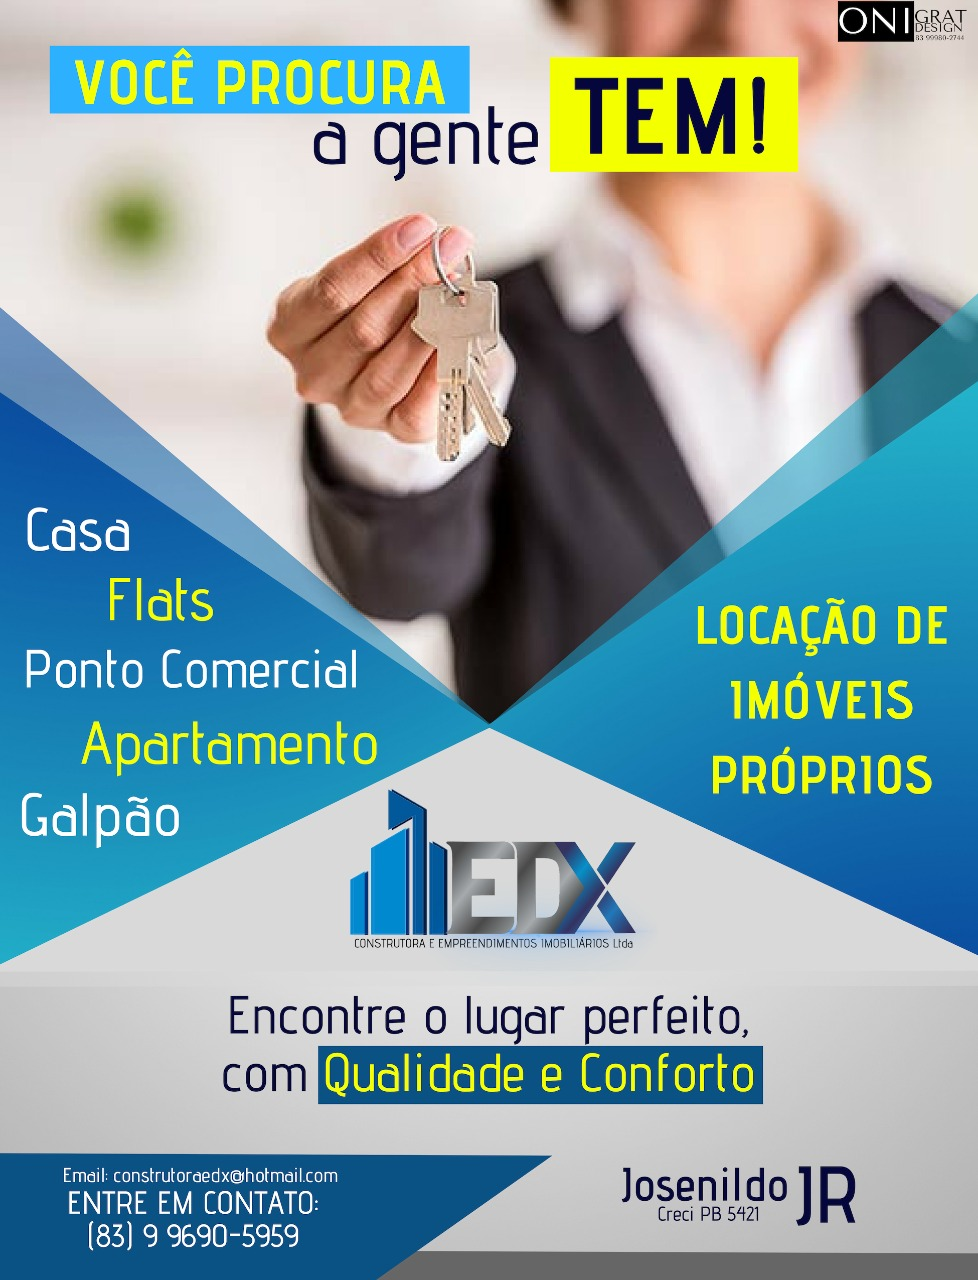 WhatsApp-Image-2019-07-31-at-08.53.26 Em Monteiro: EDX Aluguel de imóveis próprios.